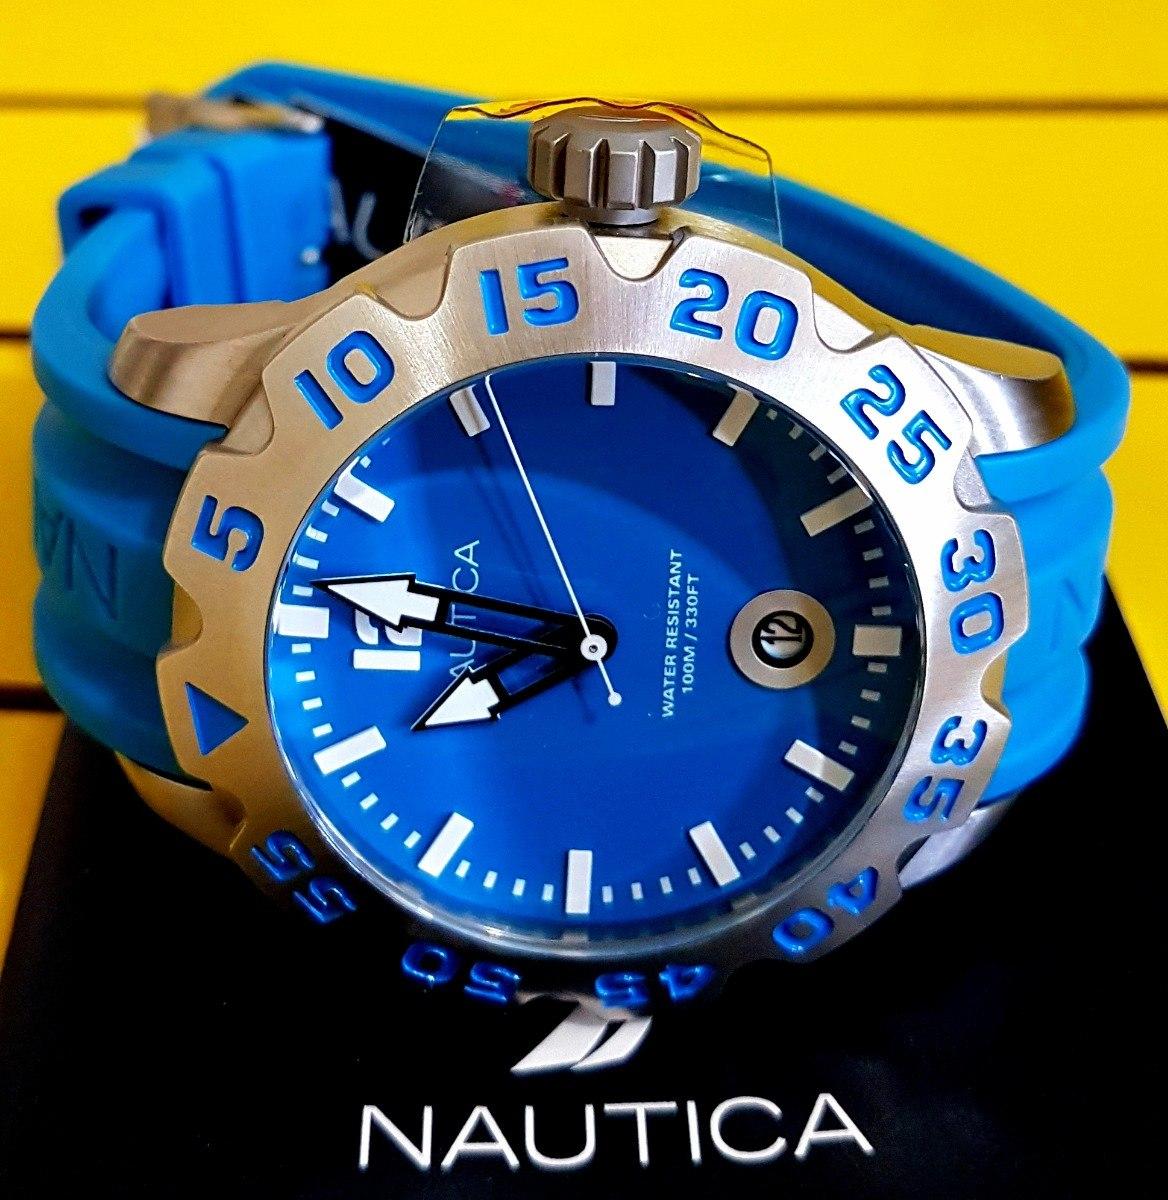 895b4b5f8d6 Relógio Nautica Lançamento A14602g Original. - R  579